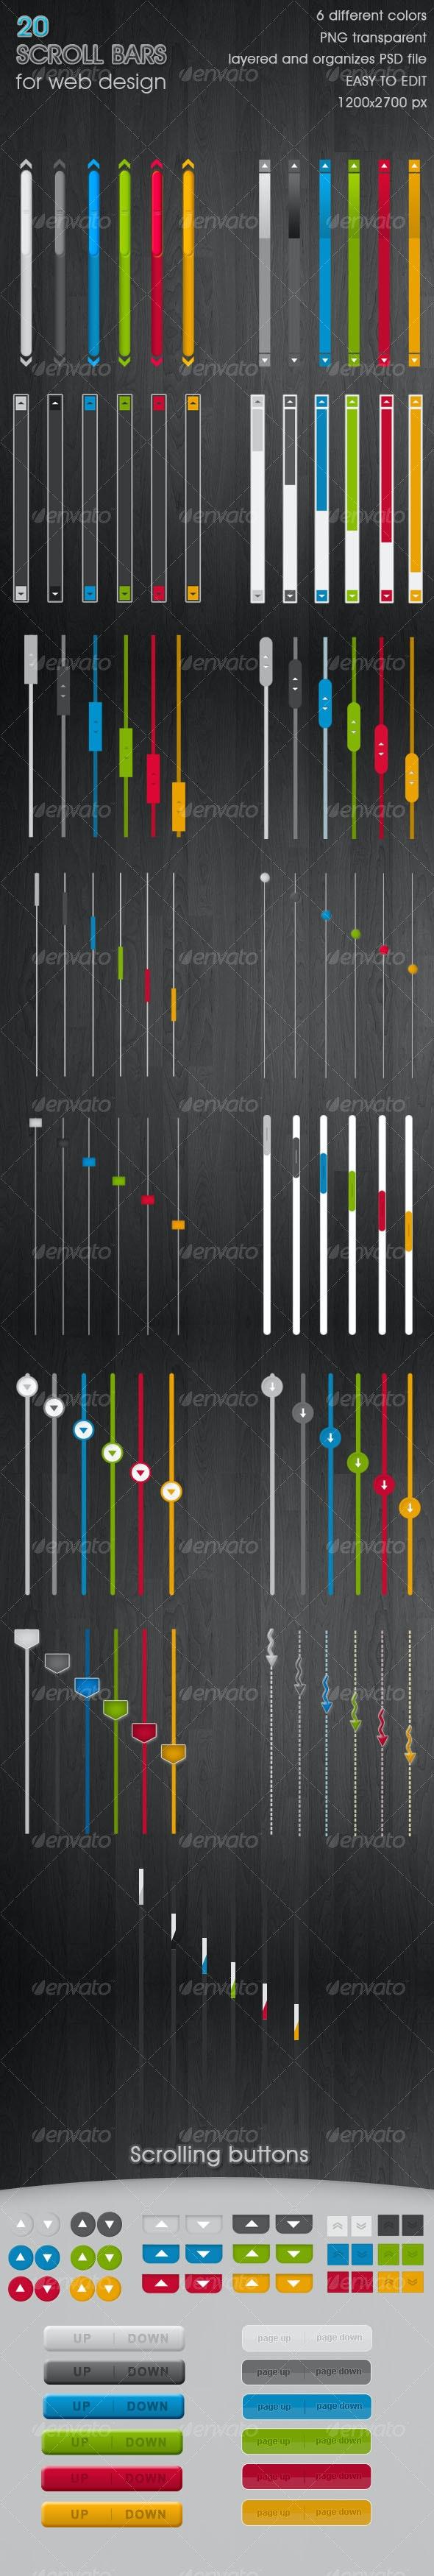 20 cool Scroll Bars - 6 colors - Web Elements